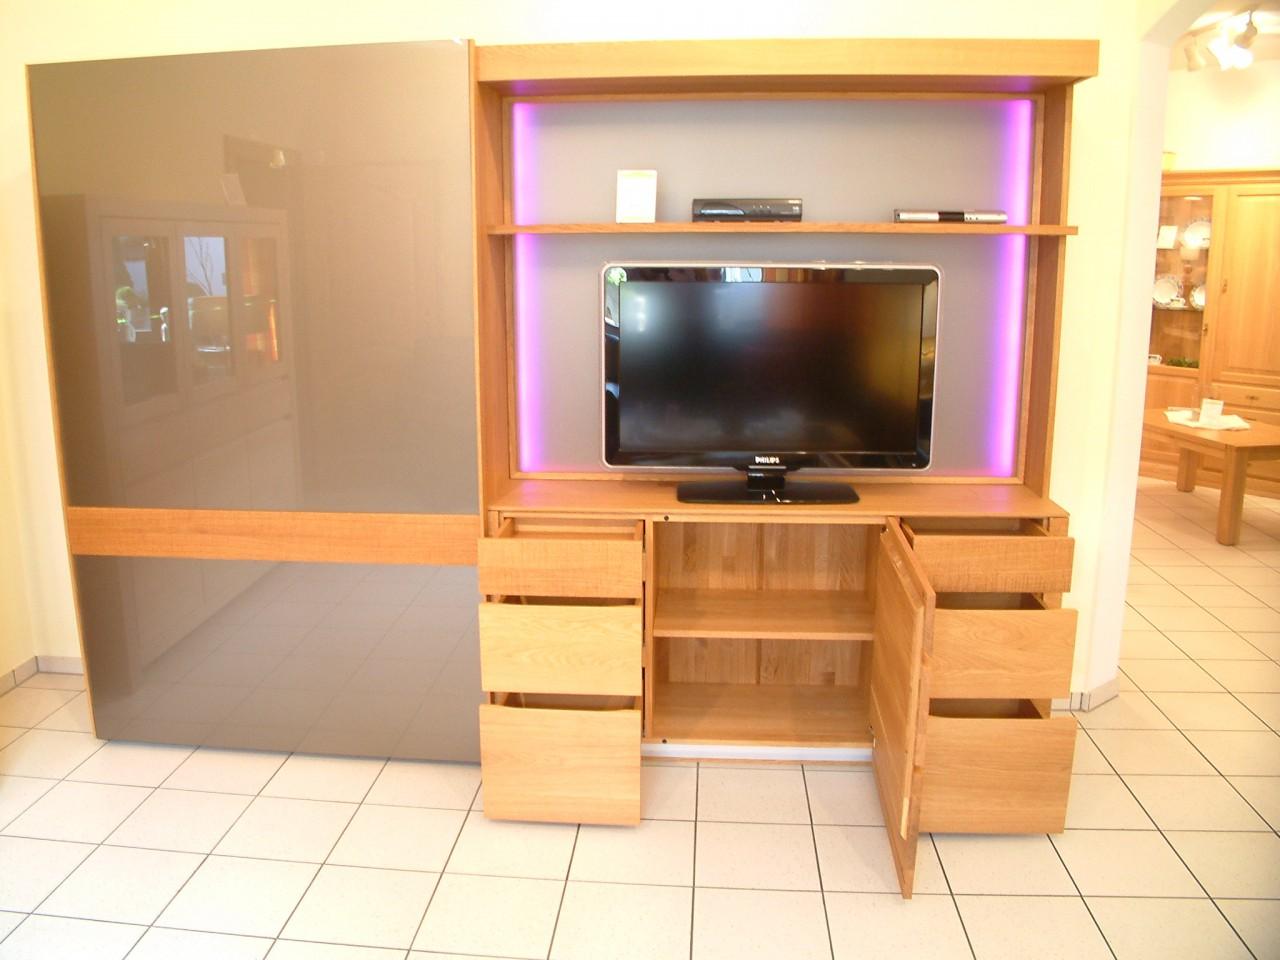 Schrank Mit Glasfront schlafzimmer 4 teilig komplett mit 300 cm schrank mit glasfront modell